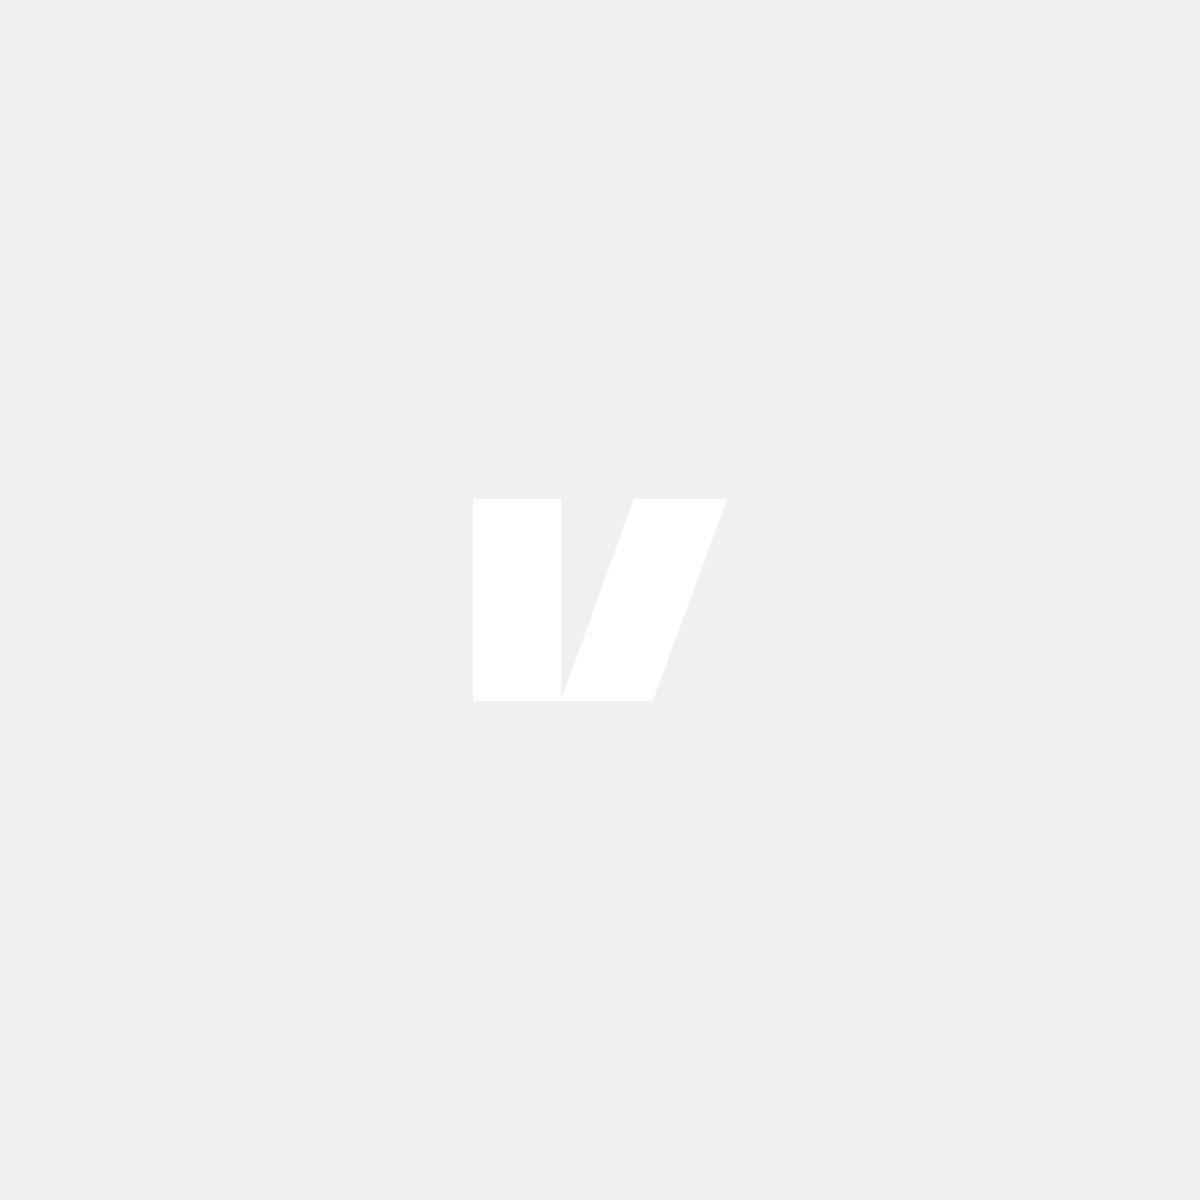 Styling strålkastare till Volvo S70, C70, V70, kromade